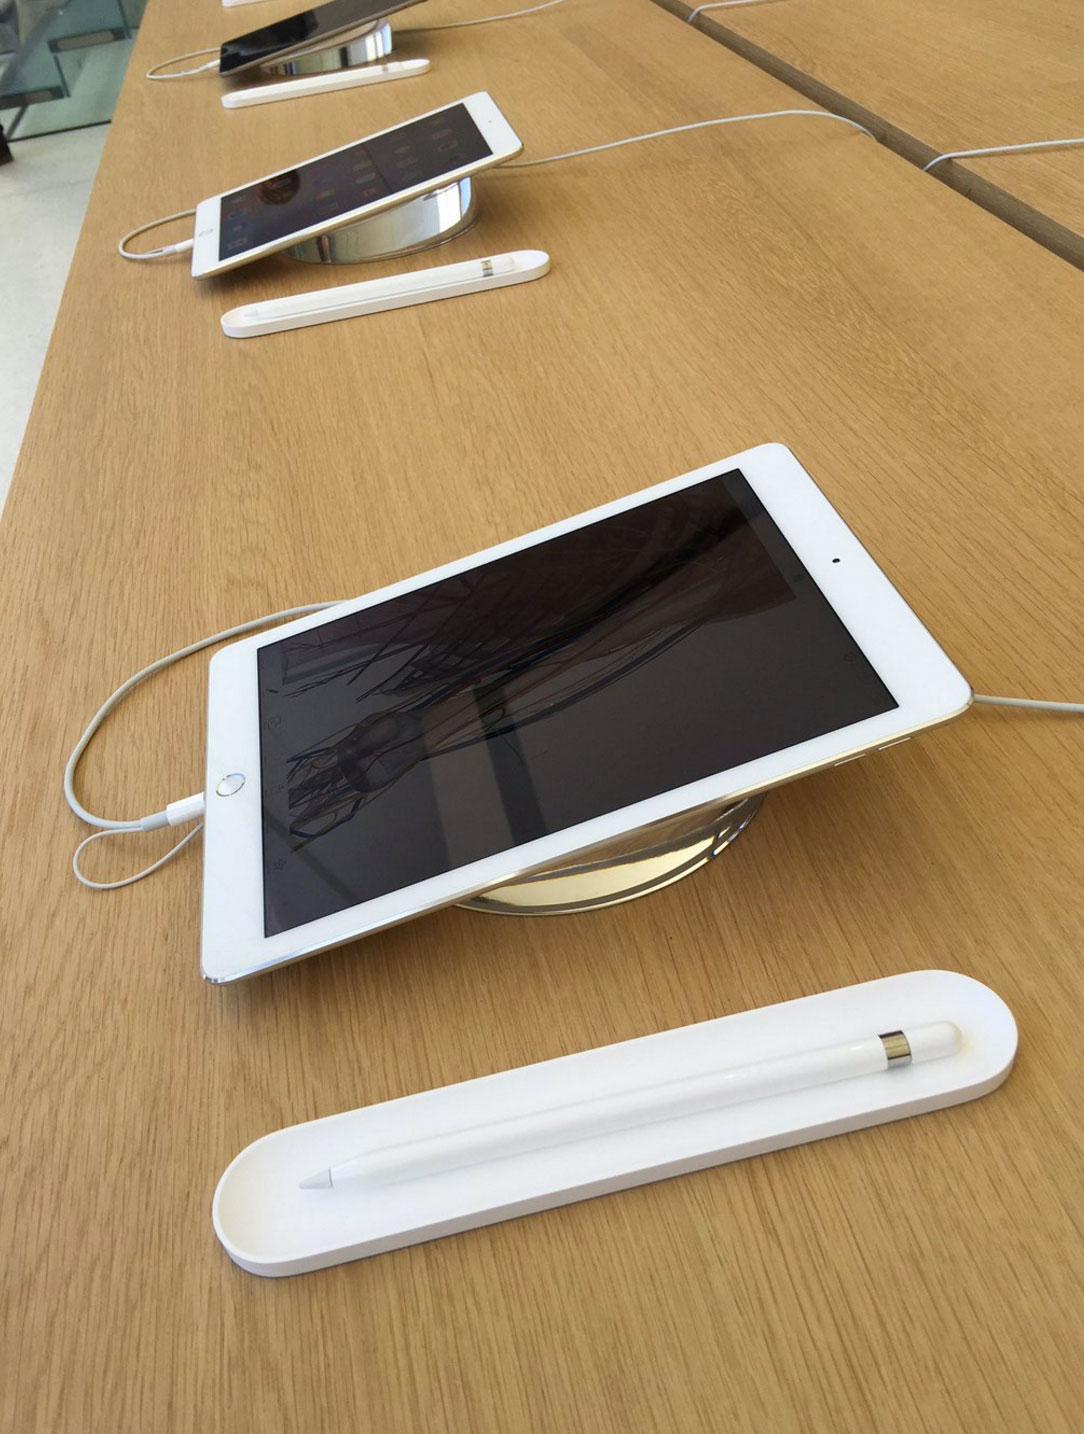 Mesas de productos en la Apple Store de Unison Square